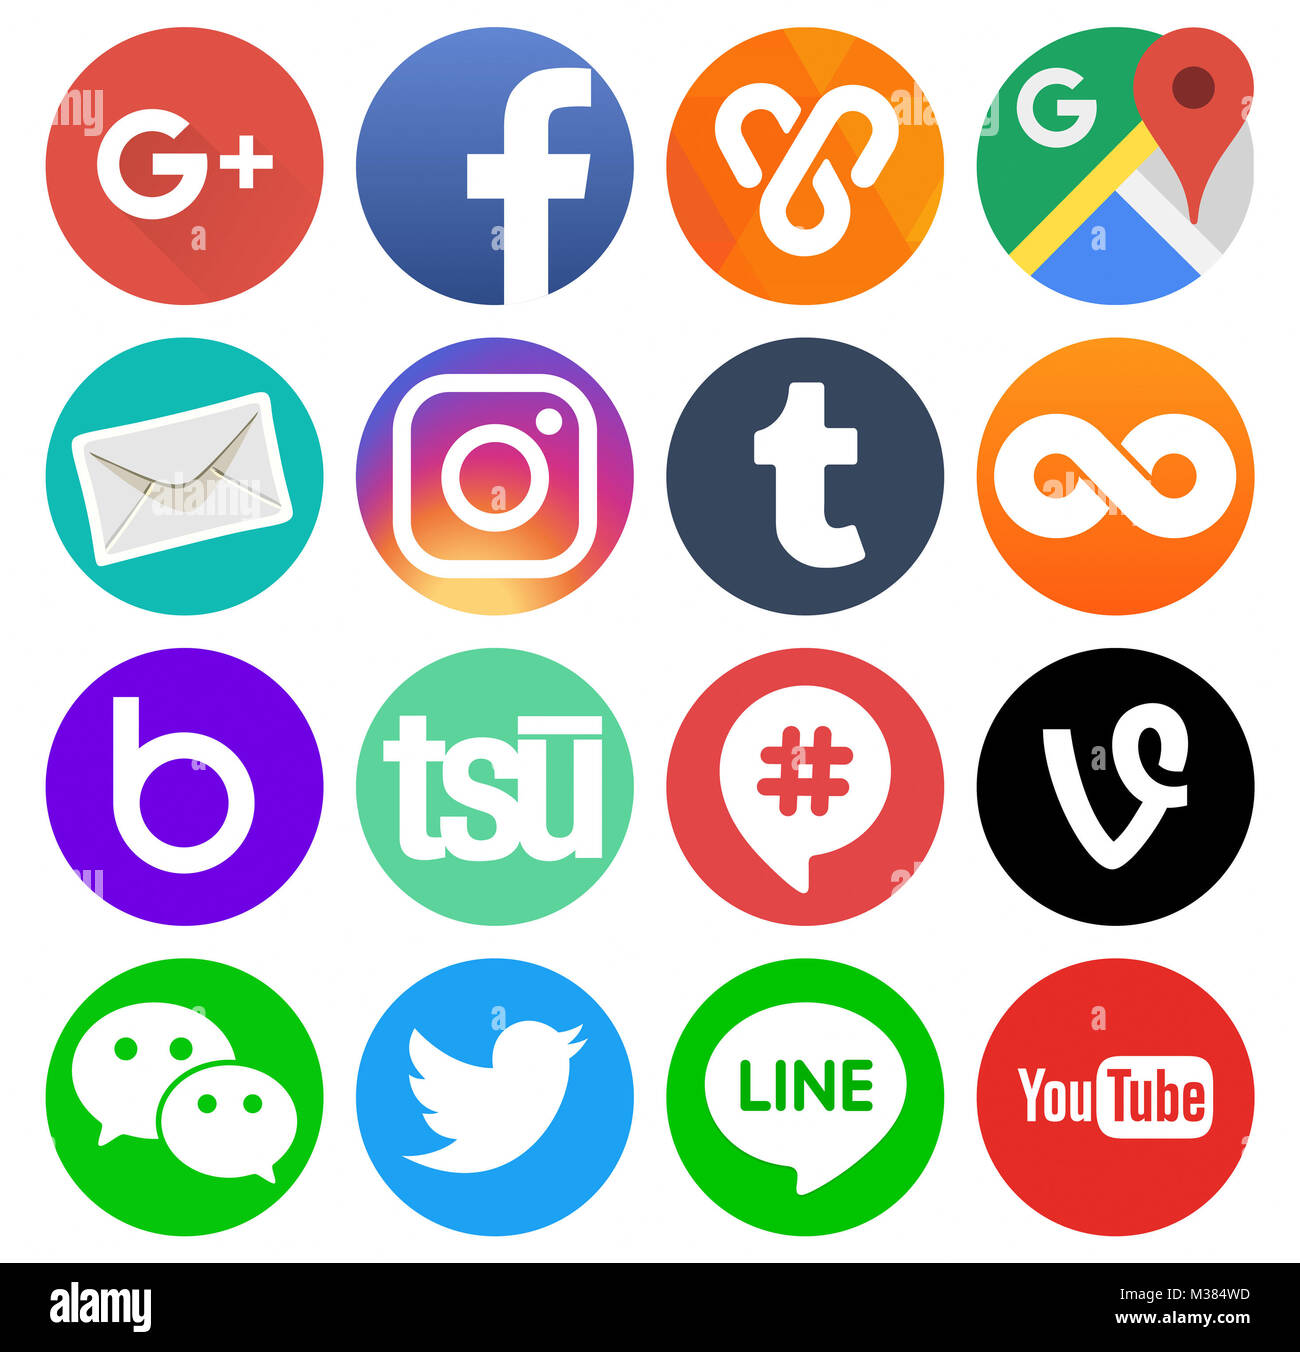 3744851fc36c2 Logos De Redes Sociales Imágenes De Stock   Logos De Redes Sociales ...